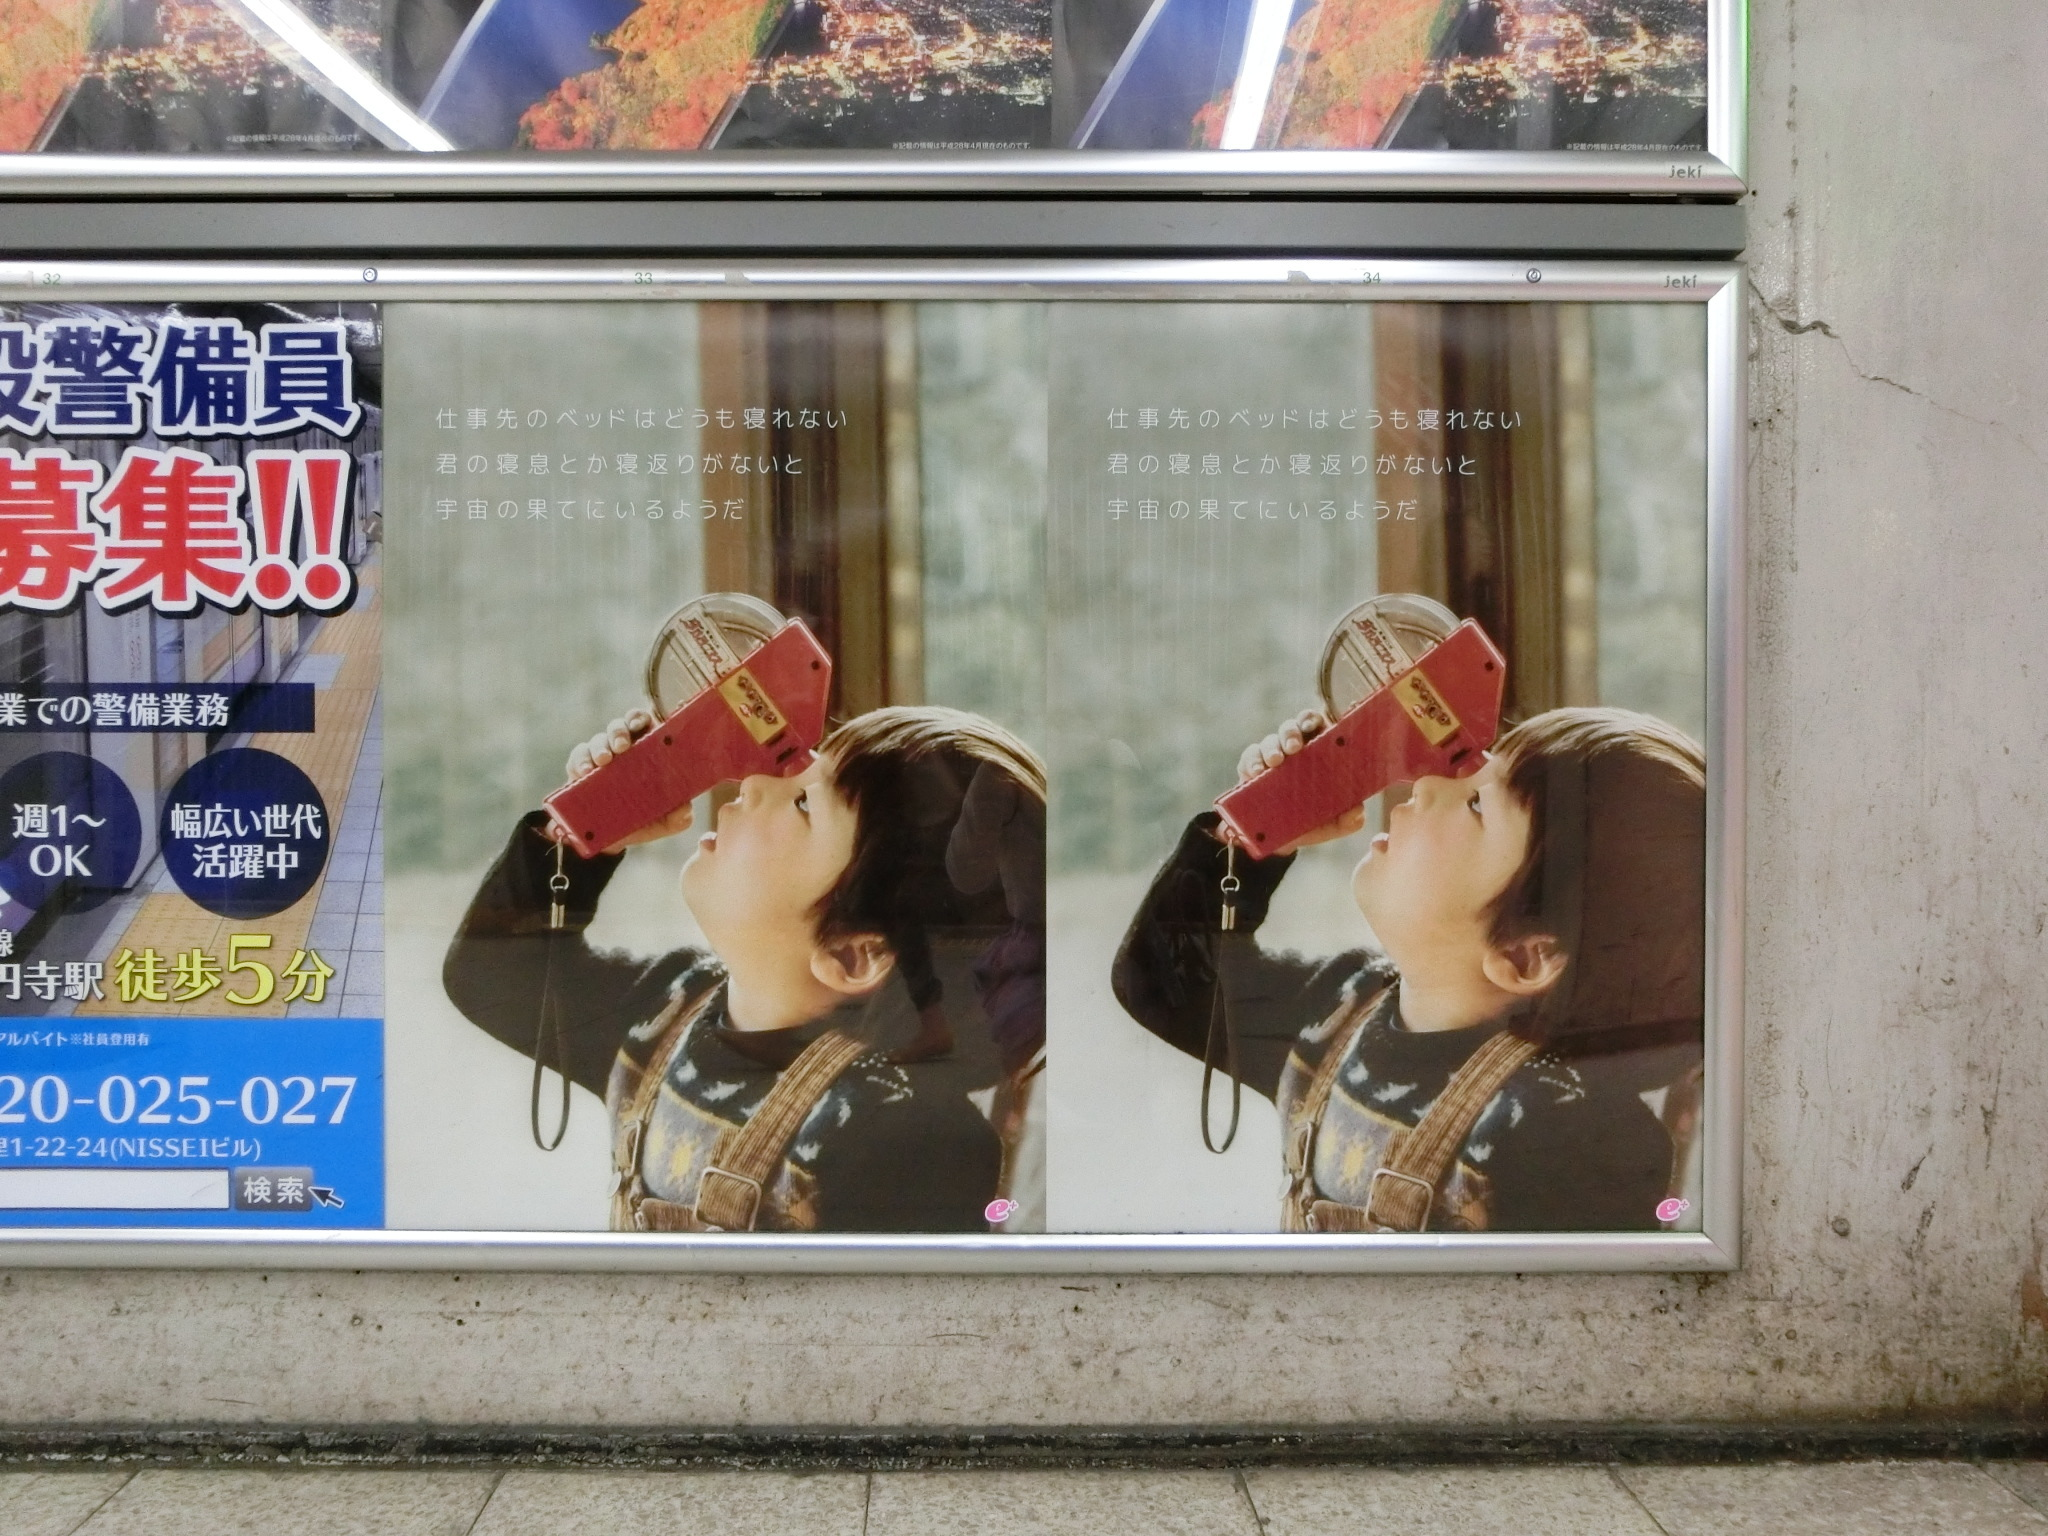 JR渋谷駅に貼られた謎のカワイイ男の子のポスター